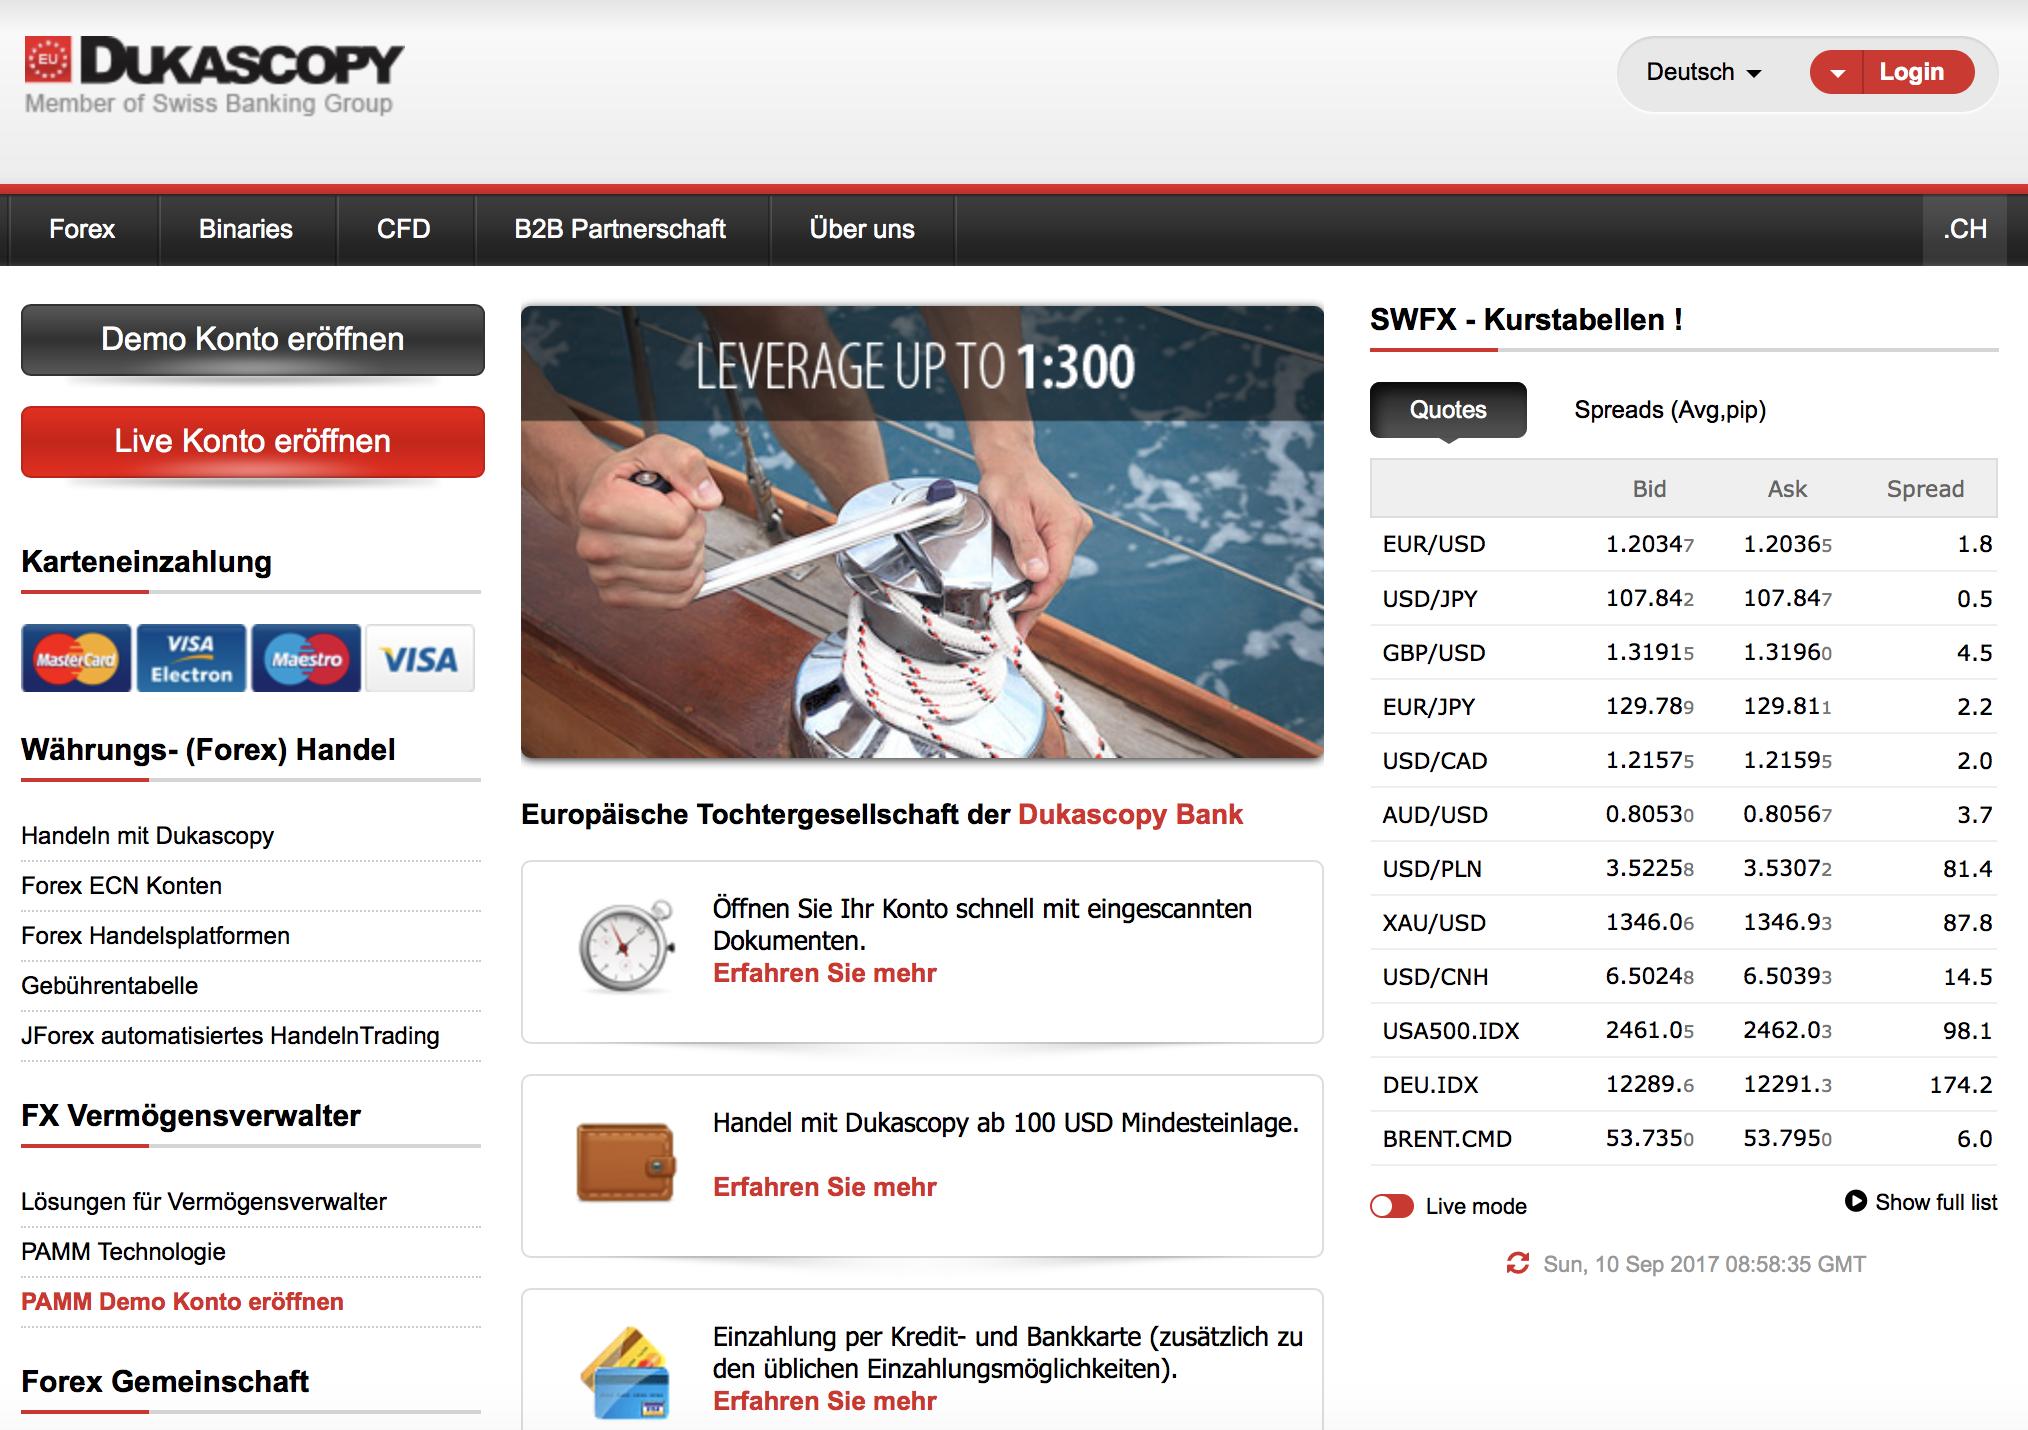 Schon auf der Startseite zeigt sich, wie vielfältig das Angebot bei Dukascopy ist.